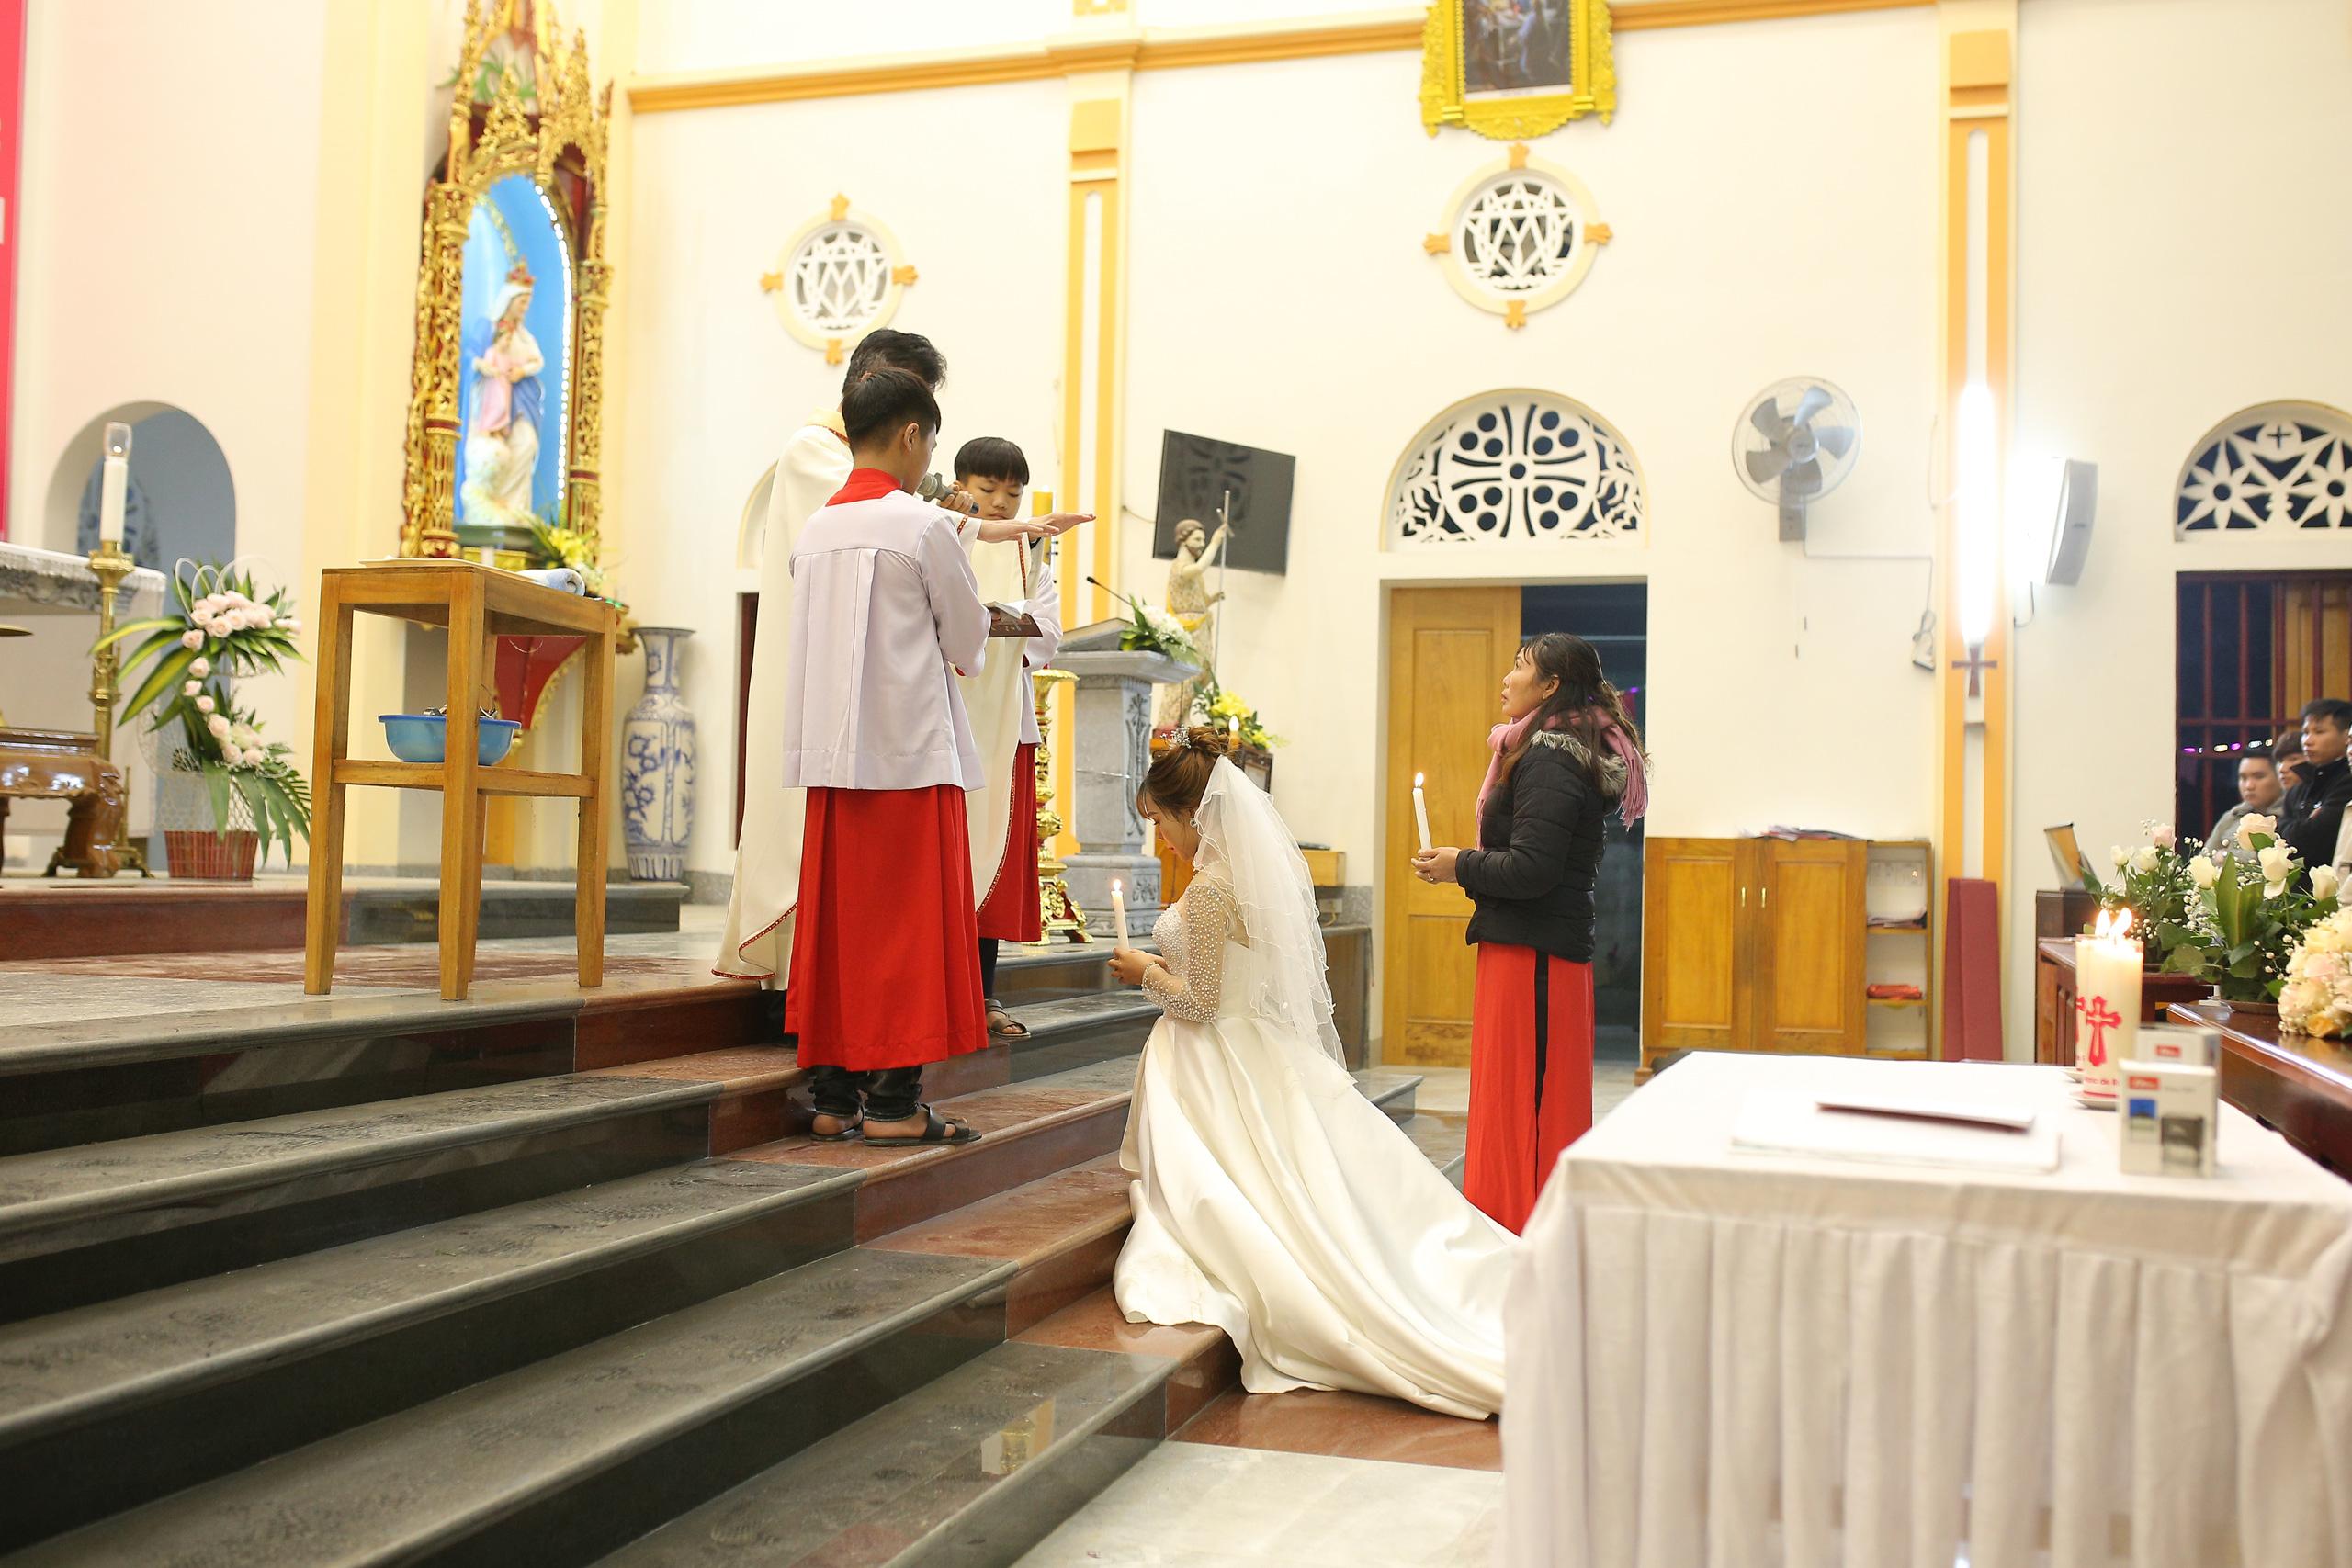 Nét đặc trưng đám cưới người có đạo Thiên Chúa - Ảnh 6.